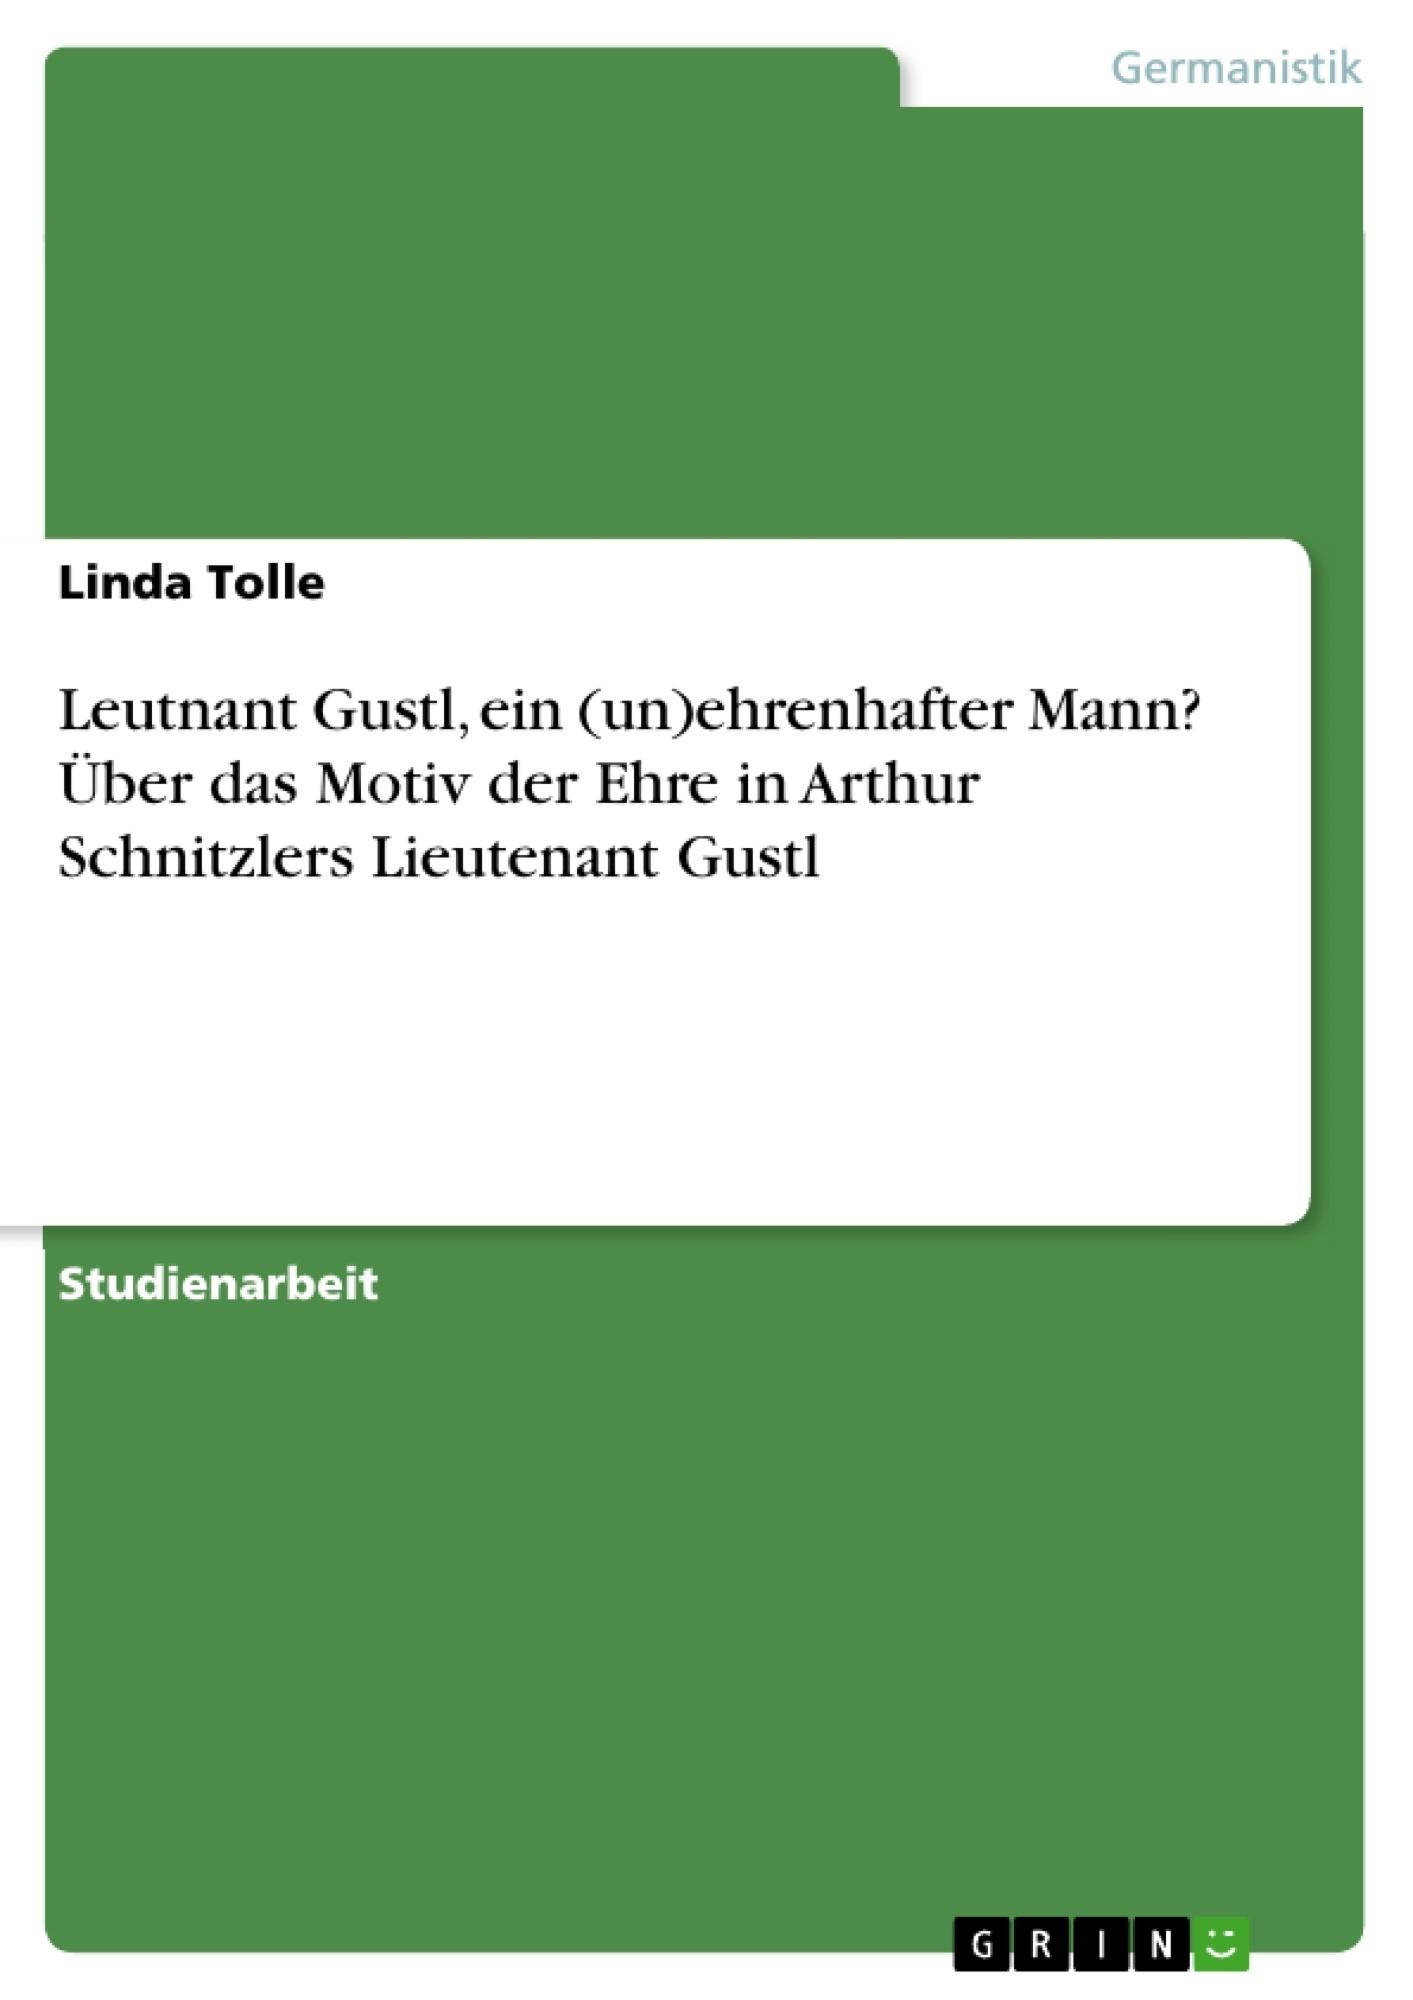 Titel: Leutnant Gustl, ein (un)ehrenhafter Mann? Über das Motiv der Ehre in Arthur Schnitzlers Lieutenant Gustl